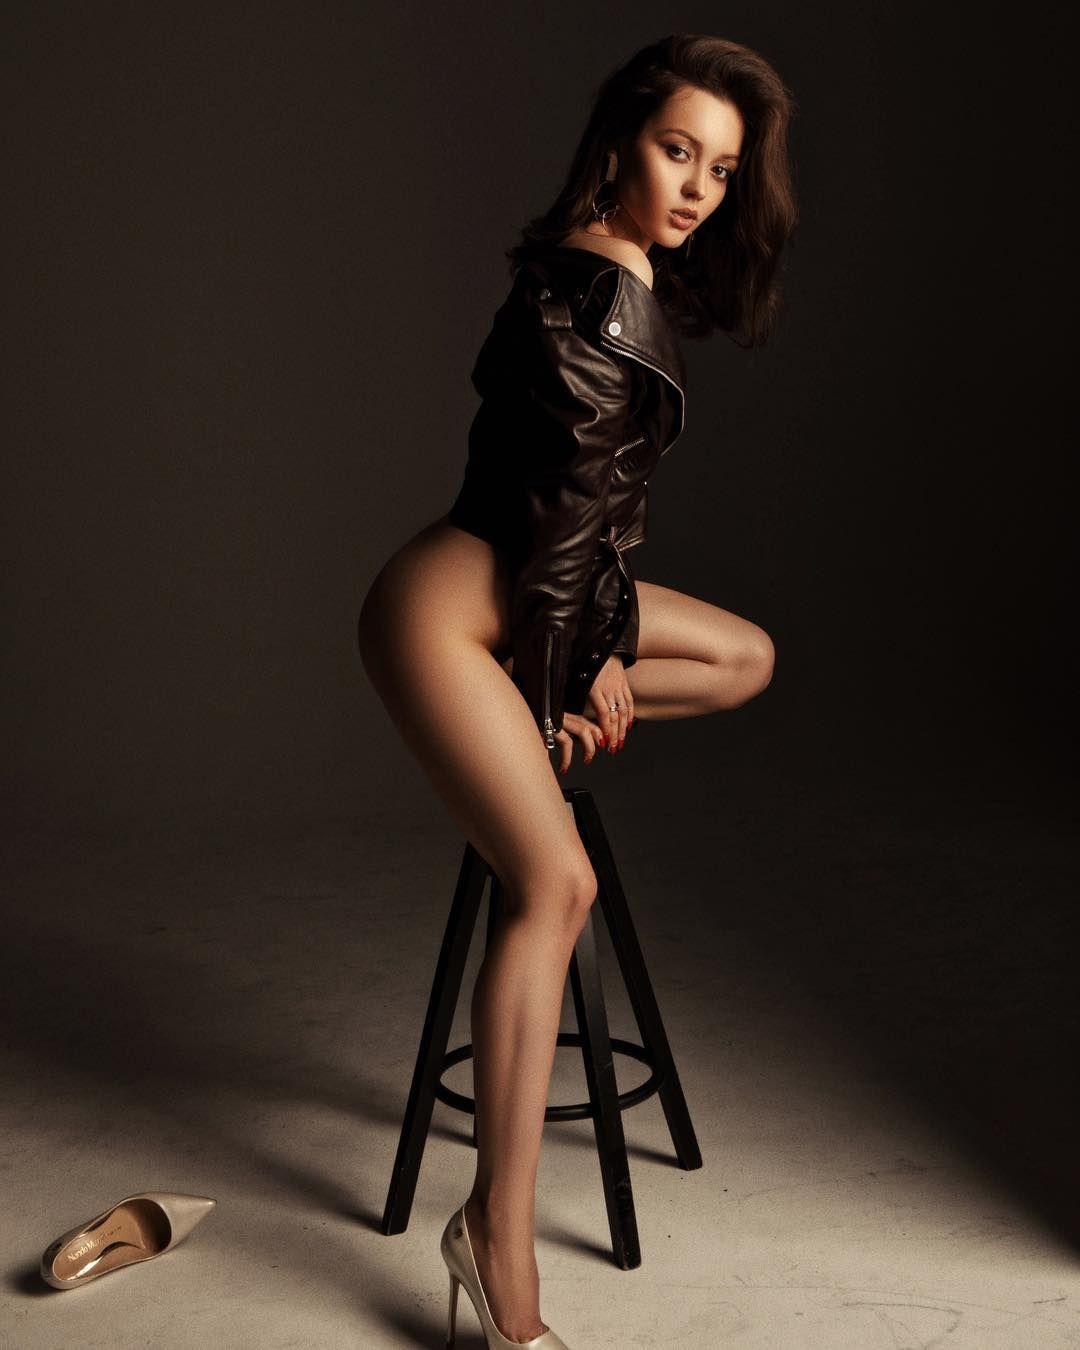 Нужна девушка модель москва веб девушка модель из омска